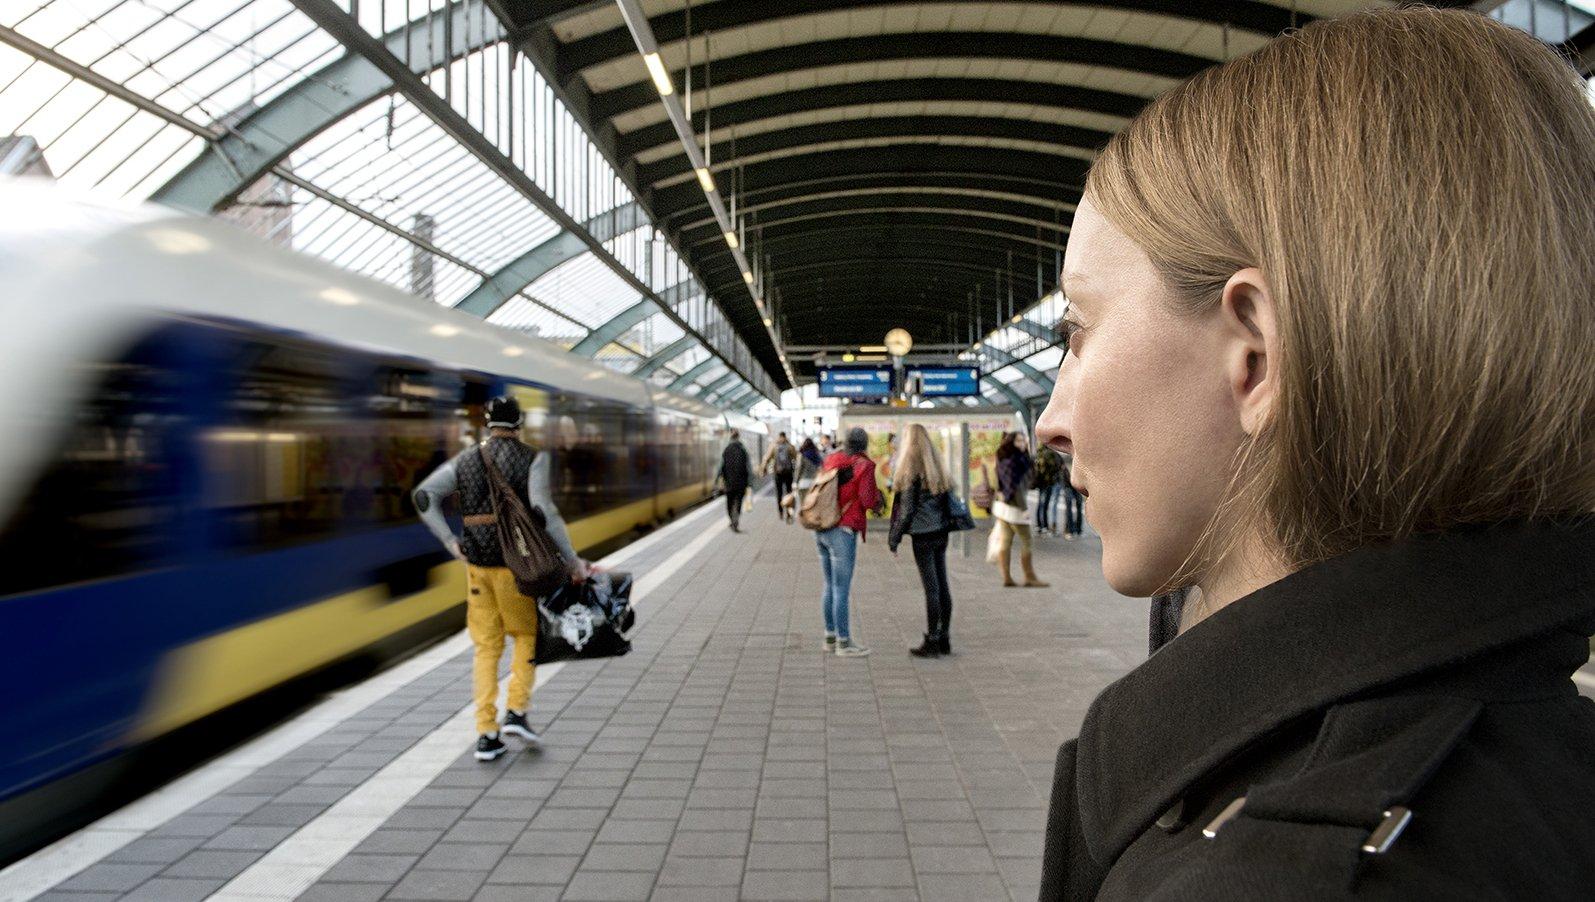 An Bahnhöfen sind Lautsprecherdurchsagen oft schwer zu verstehen – zum Beispiel durch einfahrende Züge. Eine neue Software soll helfen.